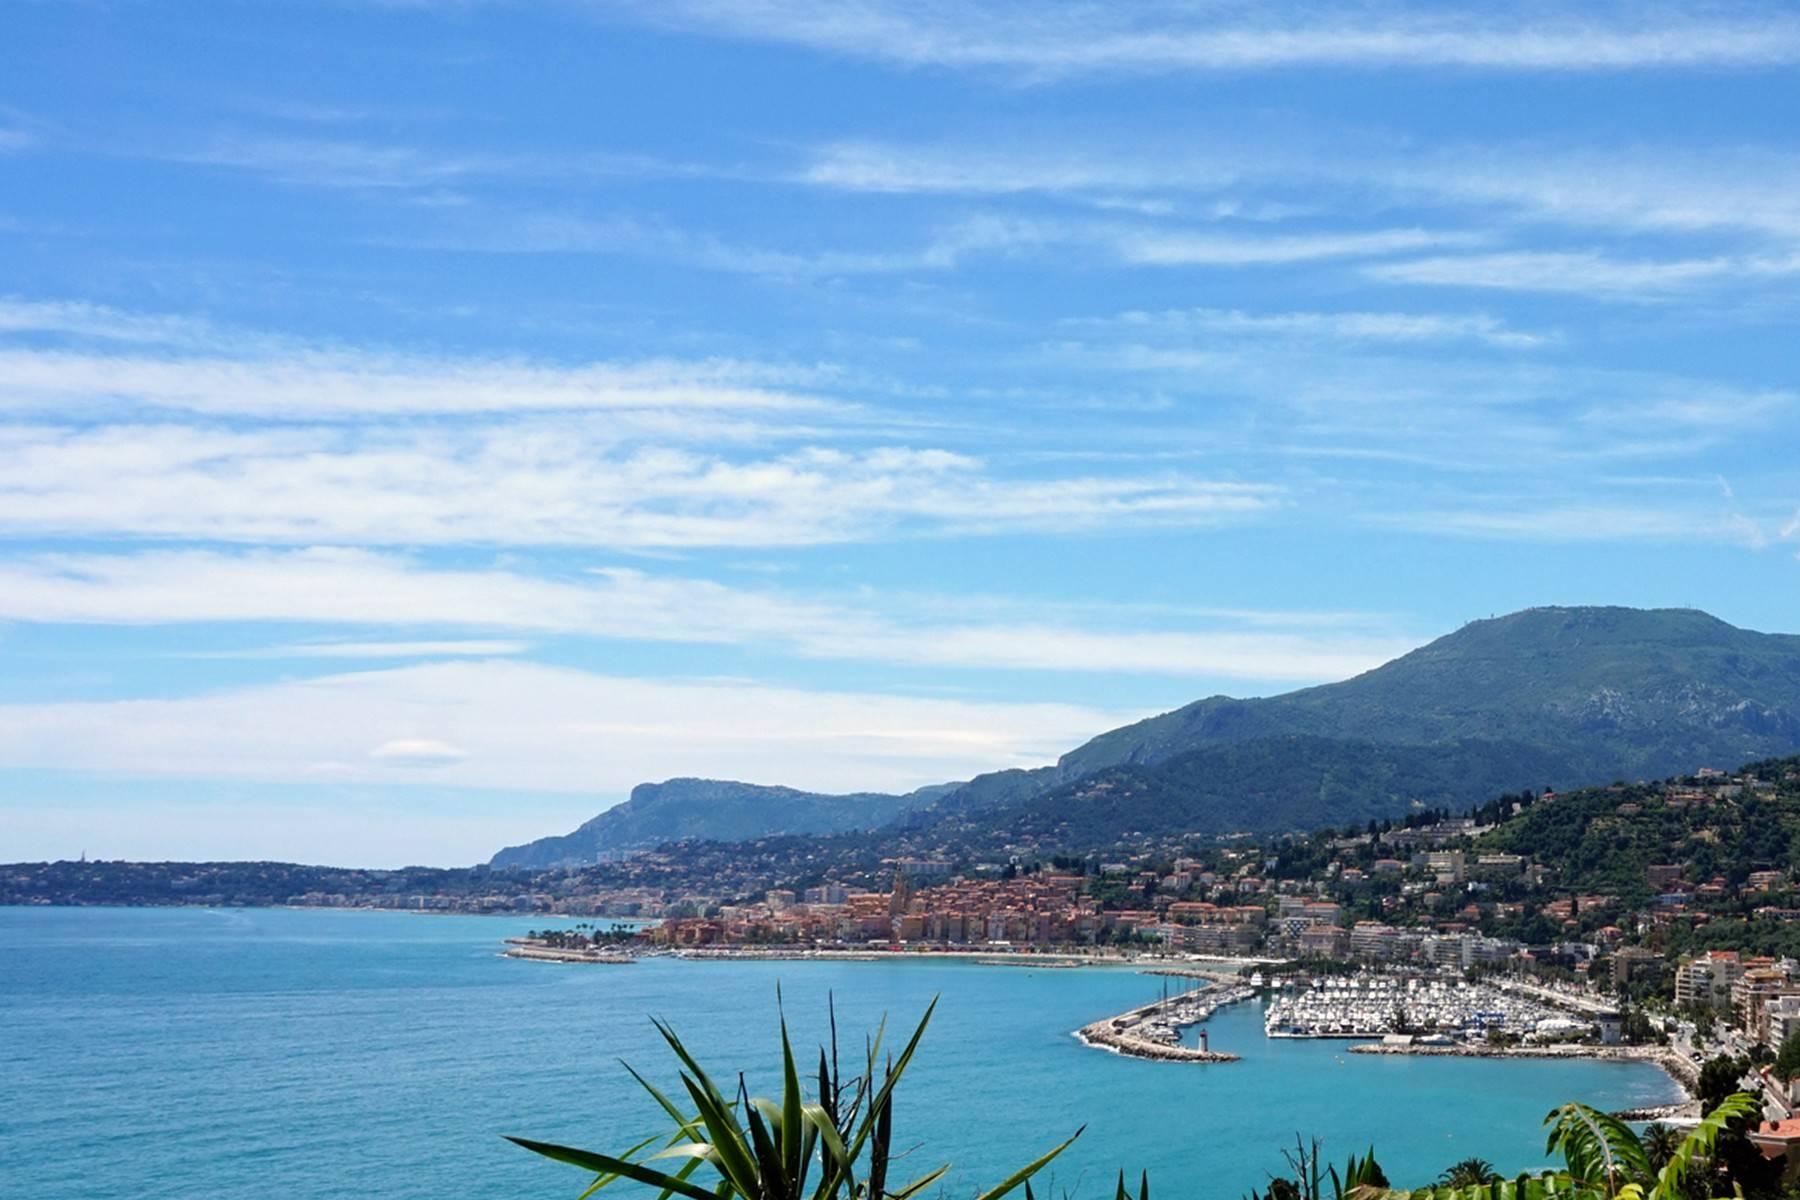 Appartamento in Vendita a Ventimiglia: 4 locali, 116 mq - Foto 9